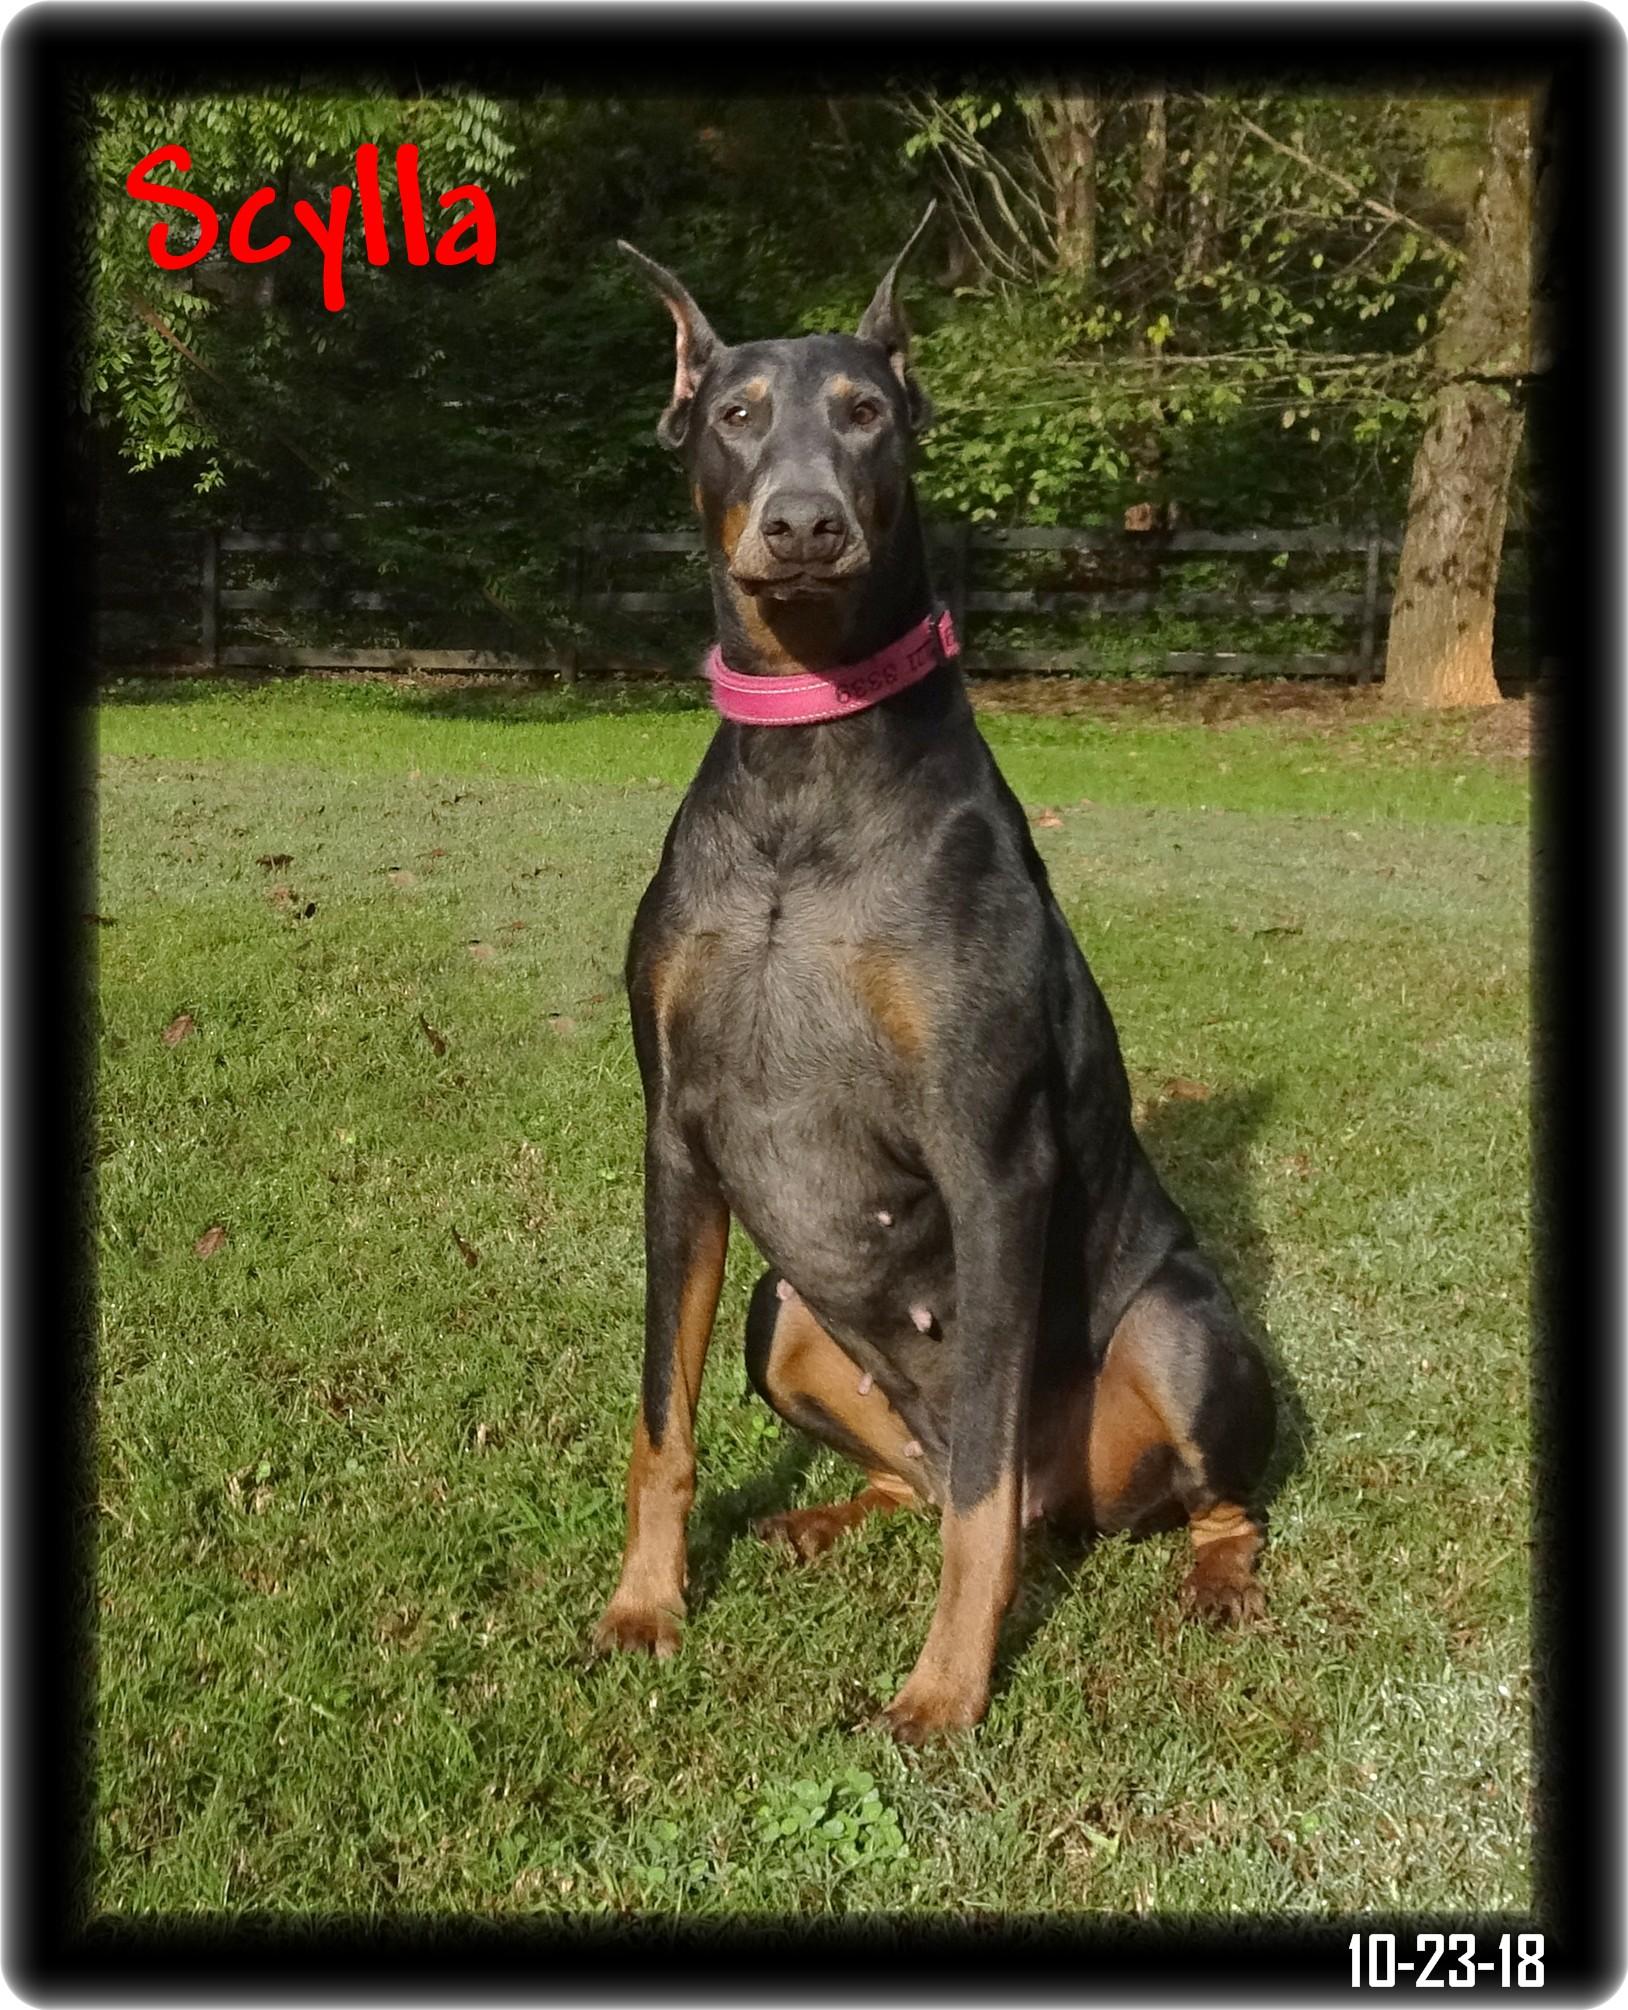 Nova - Scylla & Caspian pup  born 12-15-18 in training - AVAILABLE